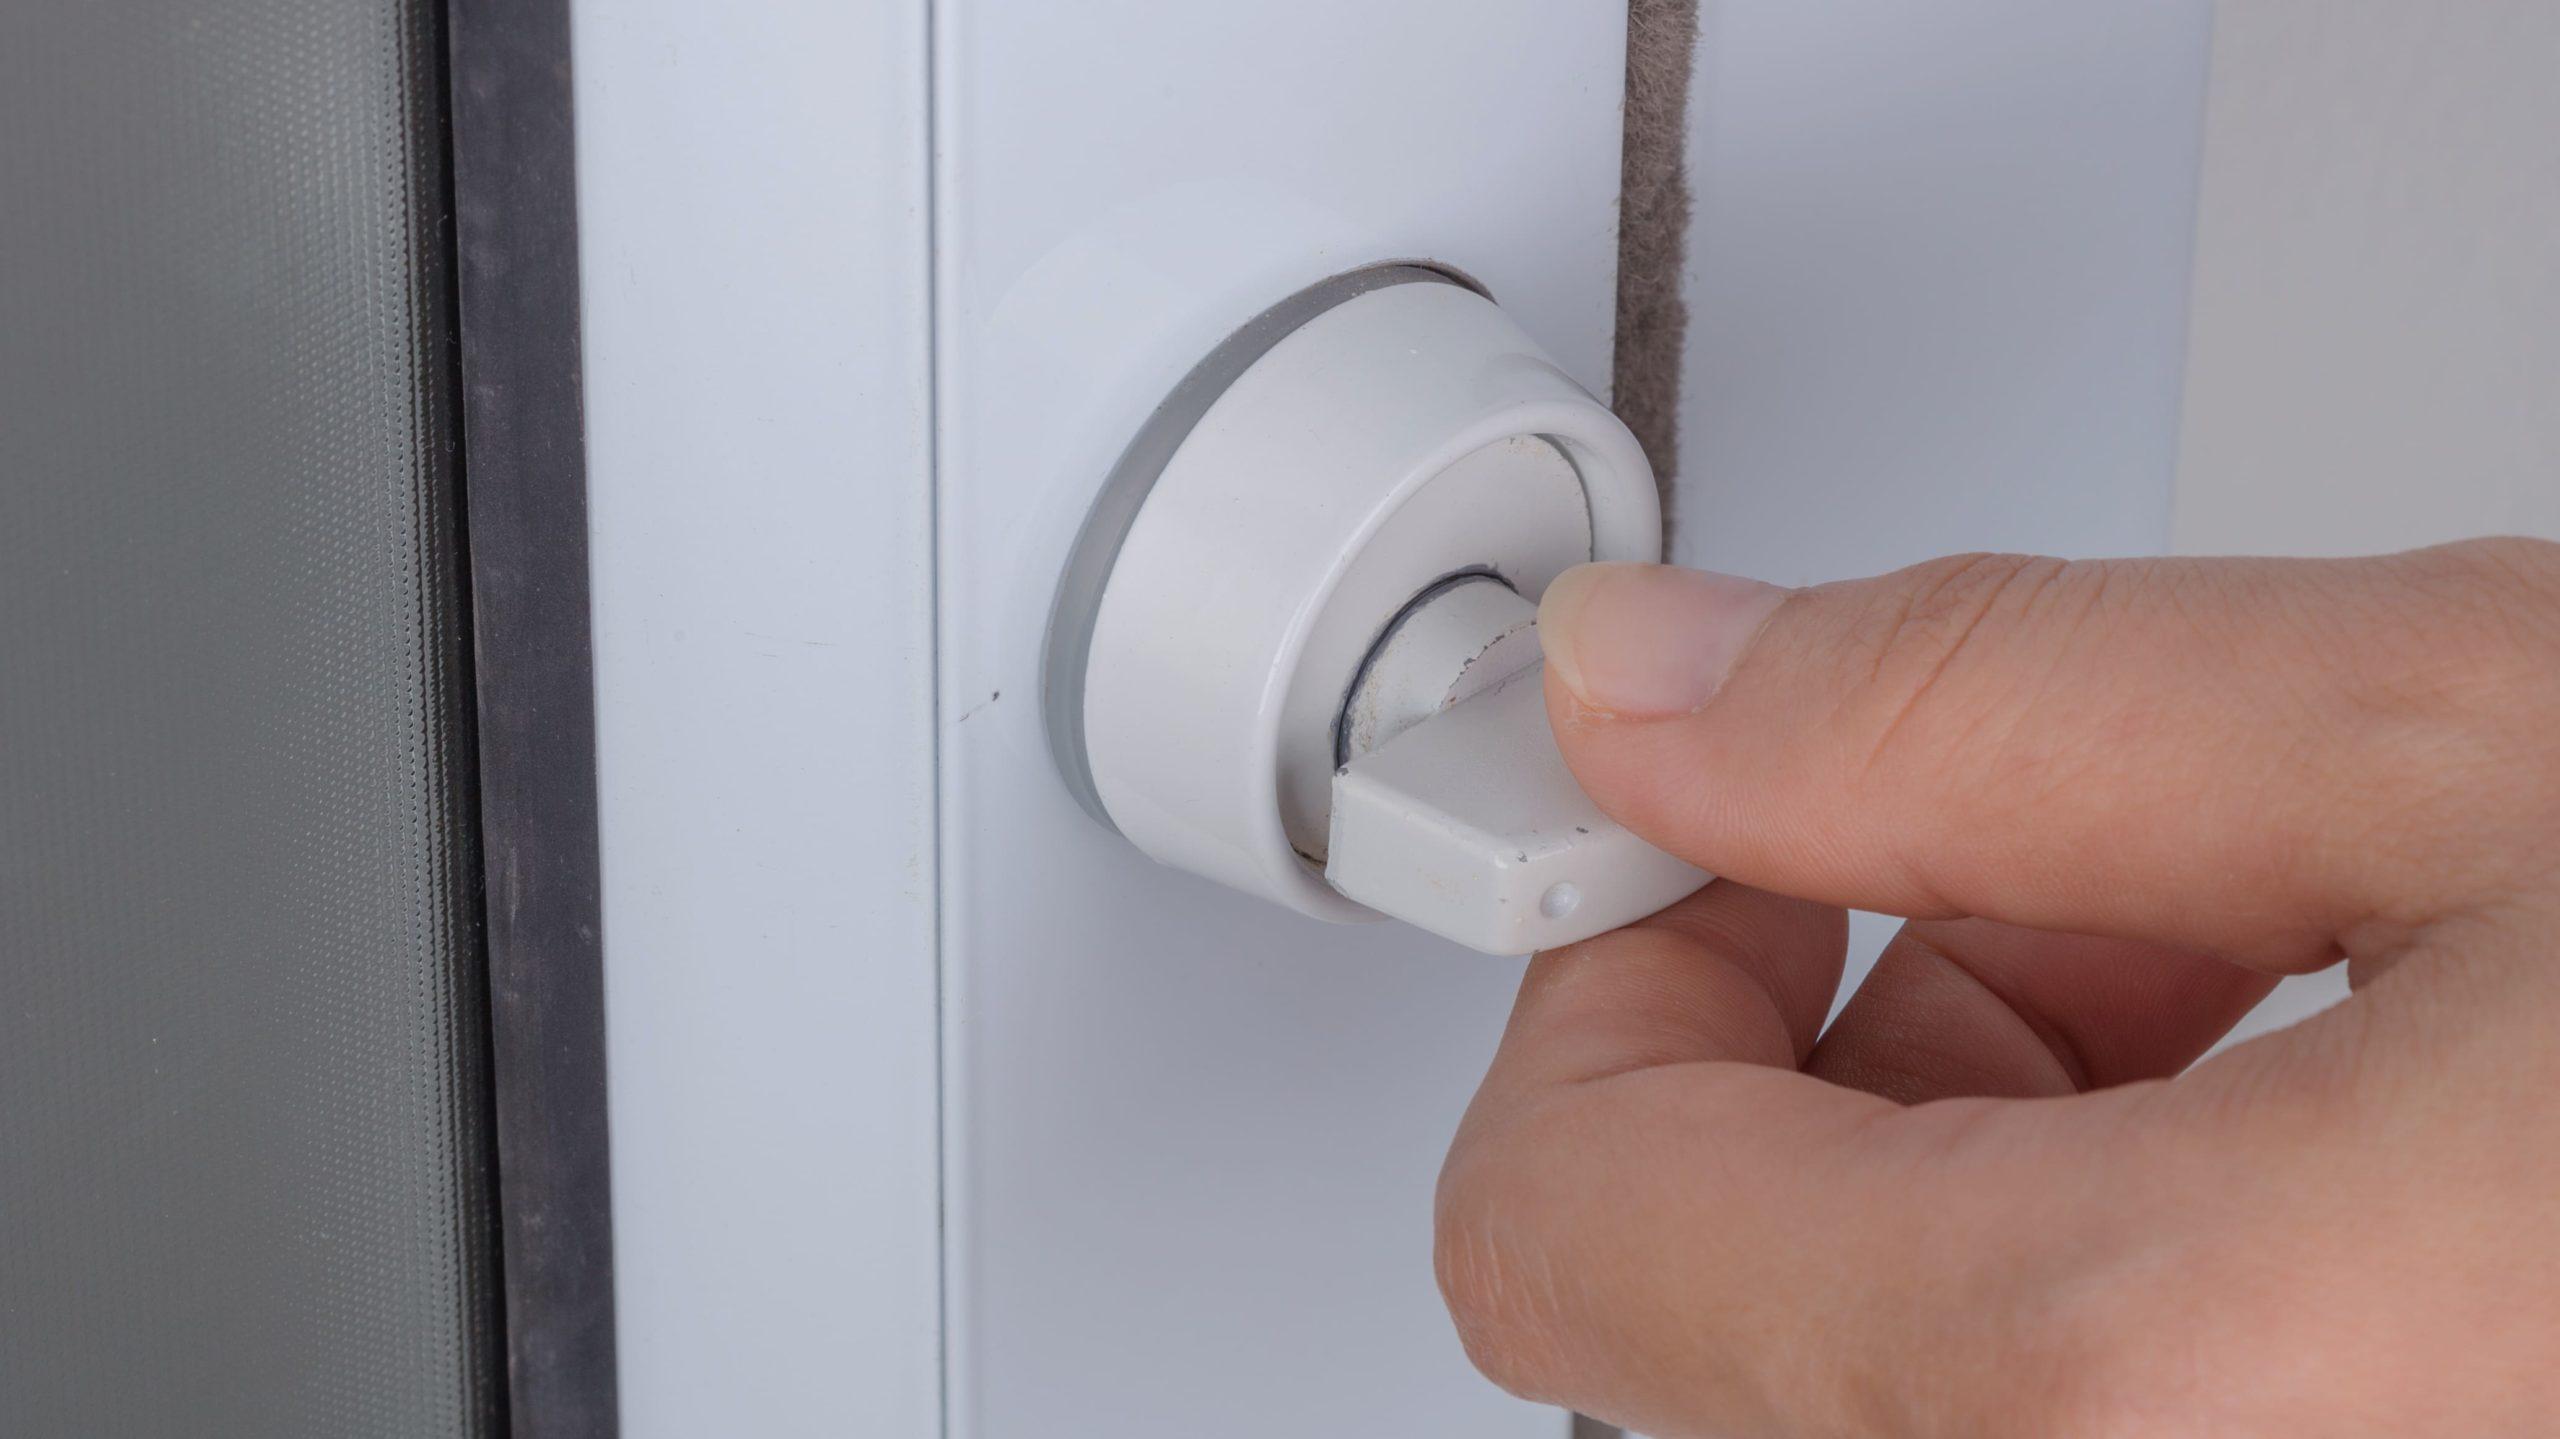 What If Your Car Door Is Locked